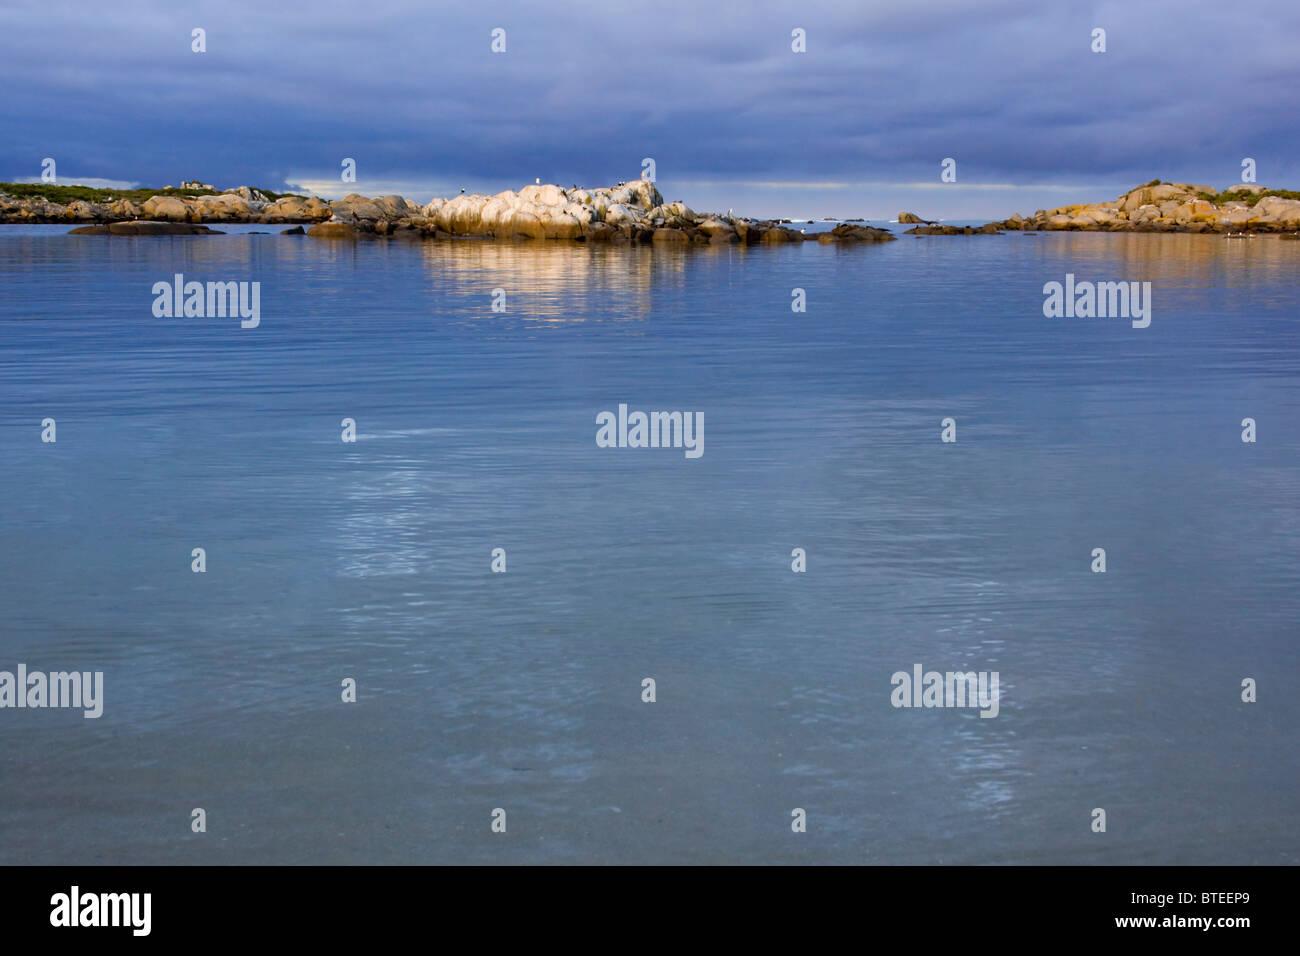 Agua Azul y un cielo azul con islas de rocas en el fondo Imagen De Stock